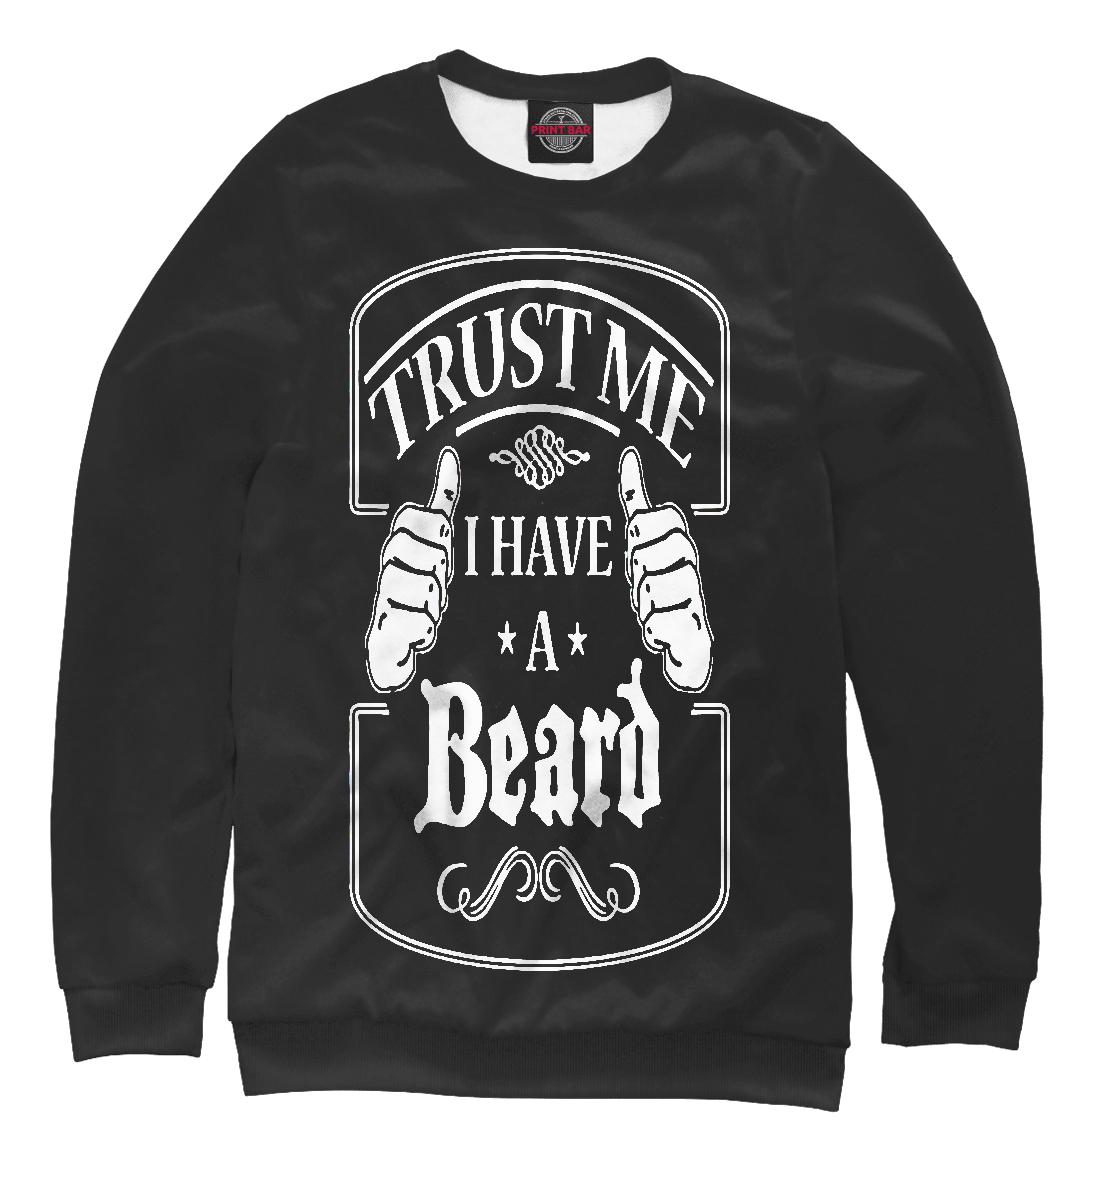 Купить Поверь мне у меня есть борода, Printbar, Свитшоты, APD-981008-swi-1